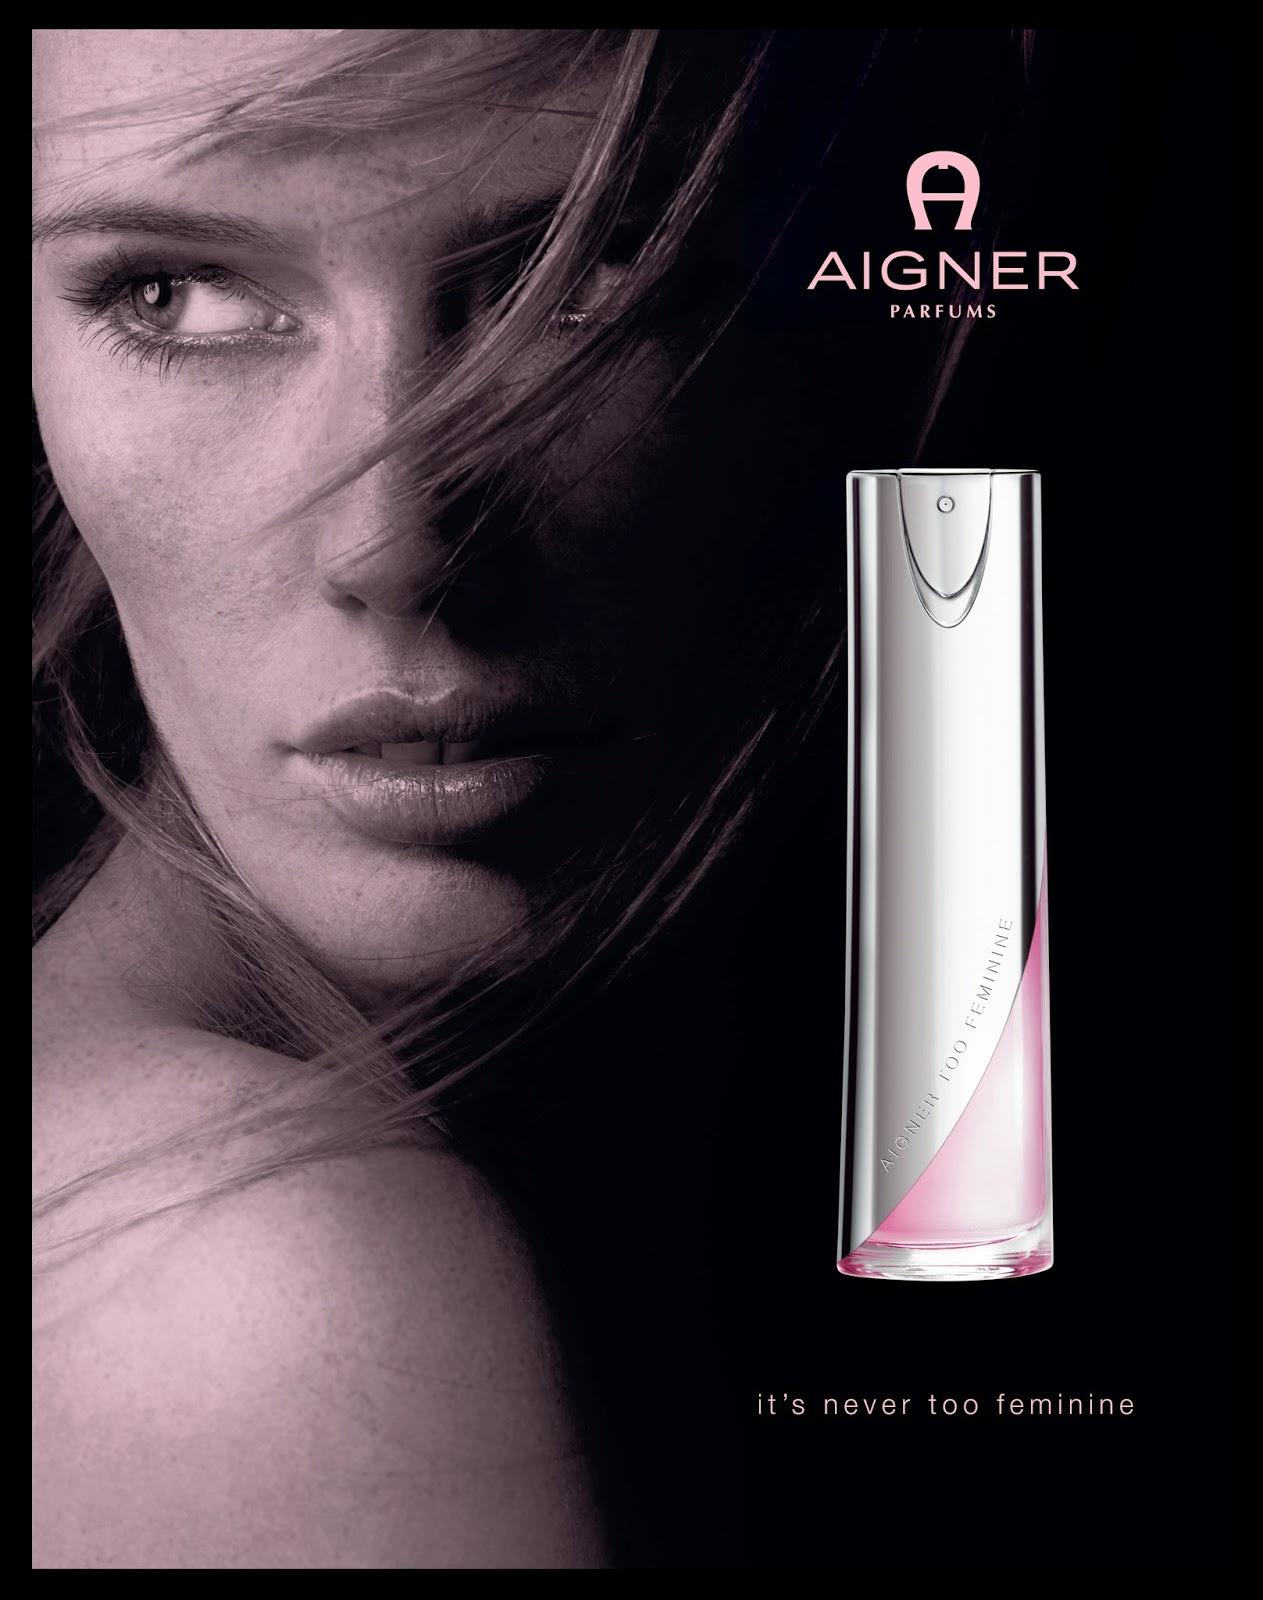 AIGNER Too Feminine by Etienne Aigner